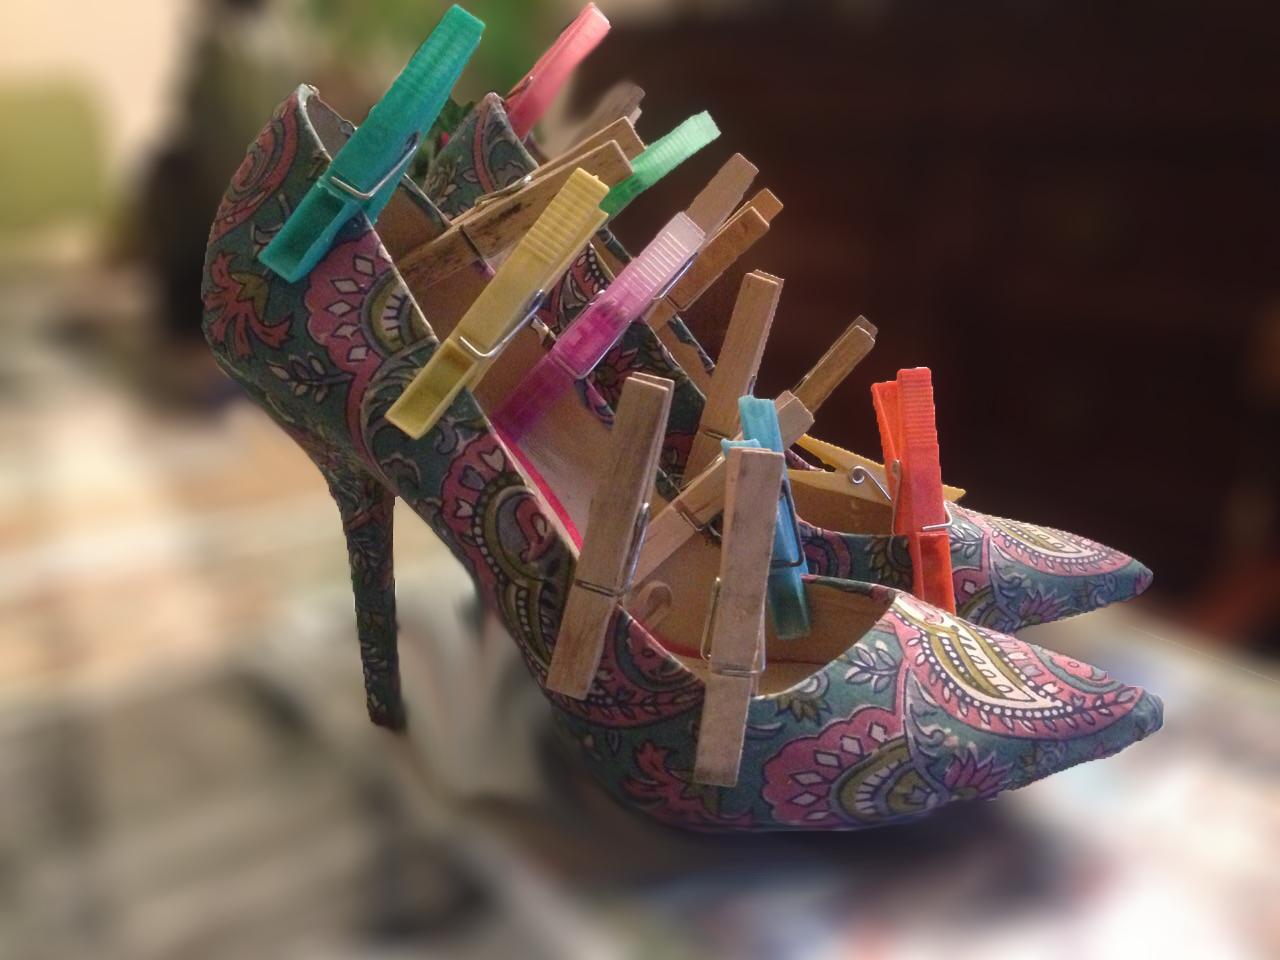 C mo forrar zapatos de tac n con telasan suavizantes - Zapateros de tela ...